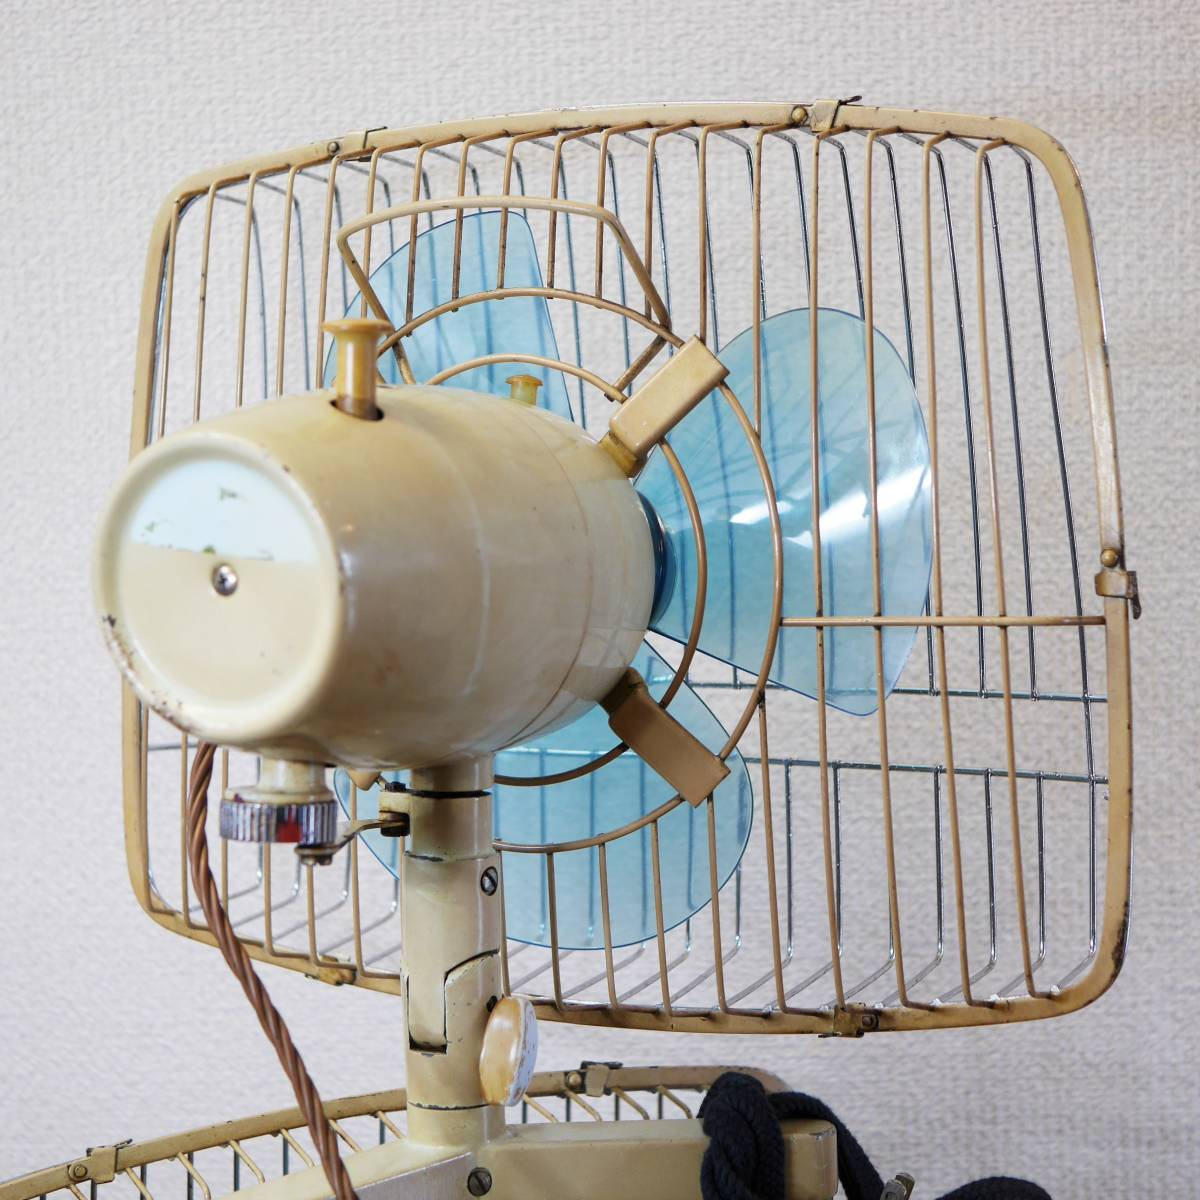 可動品!◆ FUJI 2連式 扇風機 希少 レトロ 当時物【Silent Pair】アンティーク_画像6